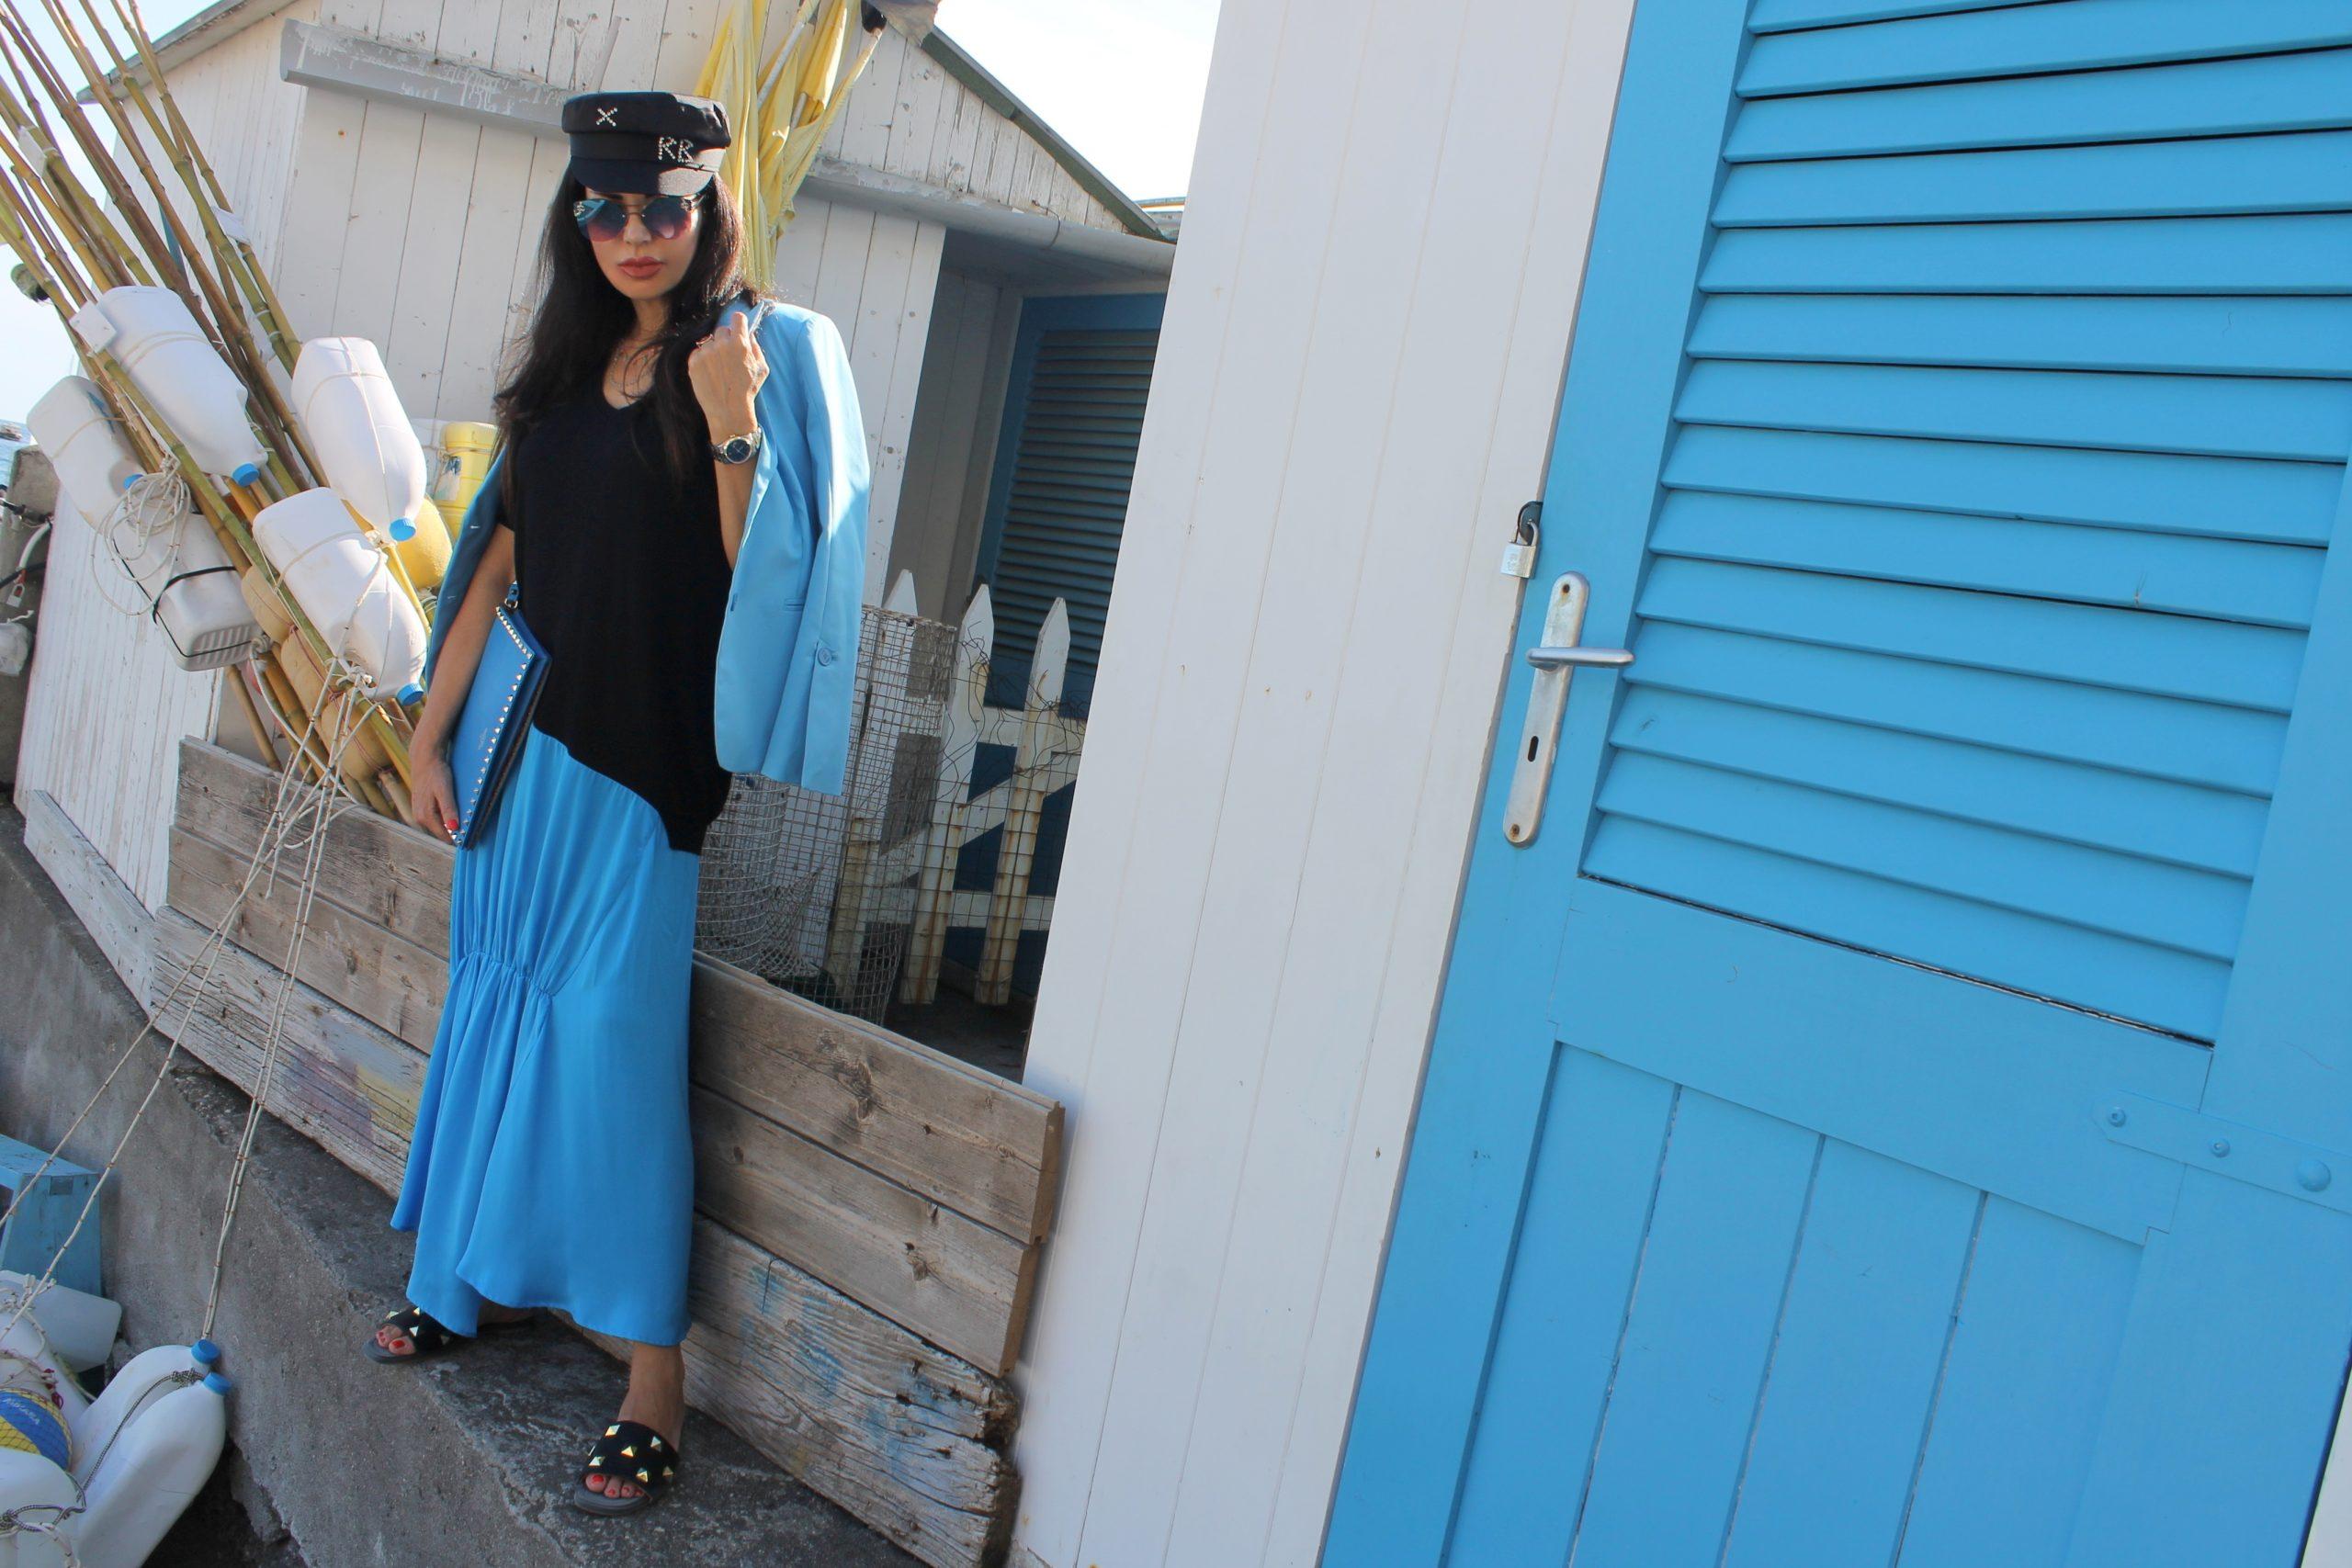 Amalfi Coast Positano Staycation Aesthetic Total Look Turquoise Dior LookBook